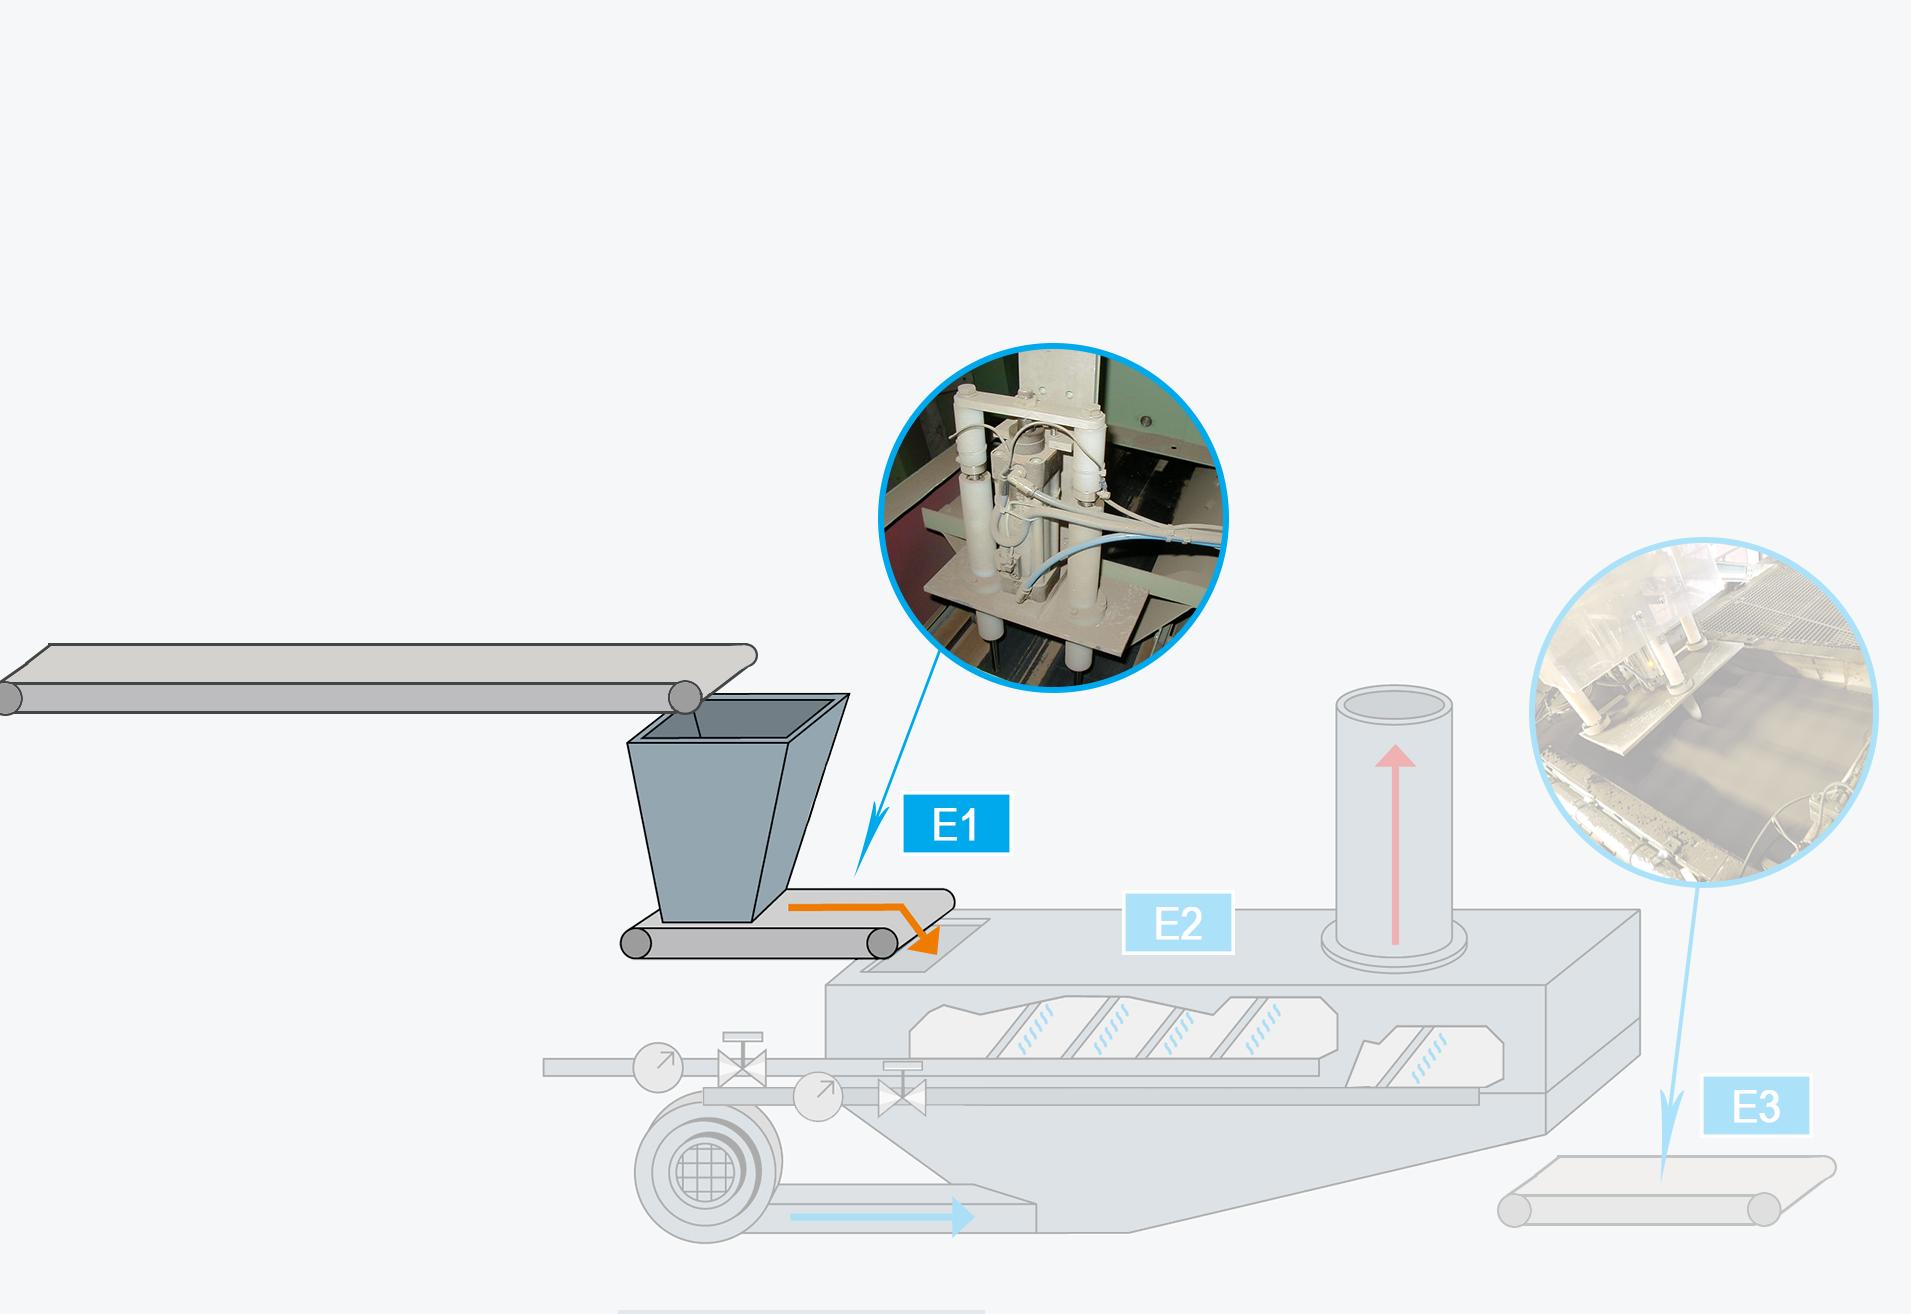 Zuschlagdosierung mit zeitgleicher Feuchte- und Temperaturmessung mit fortlaufender Wasserbedarfsrechnung unter Verwendung der Rezeptsollwerte